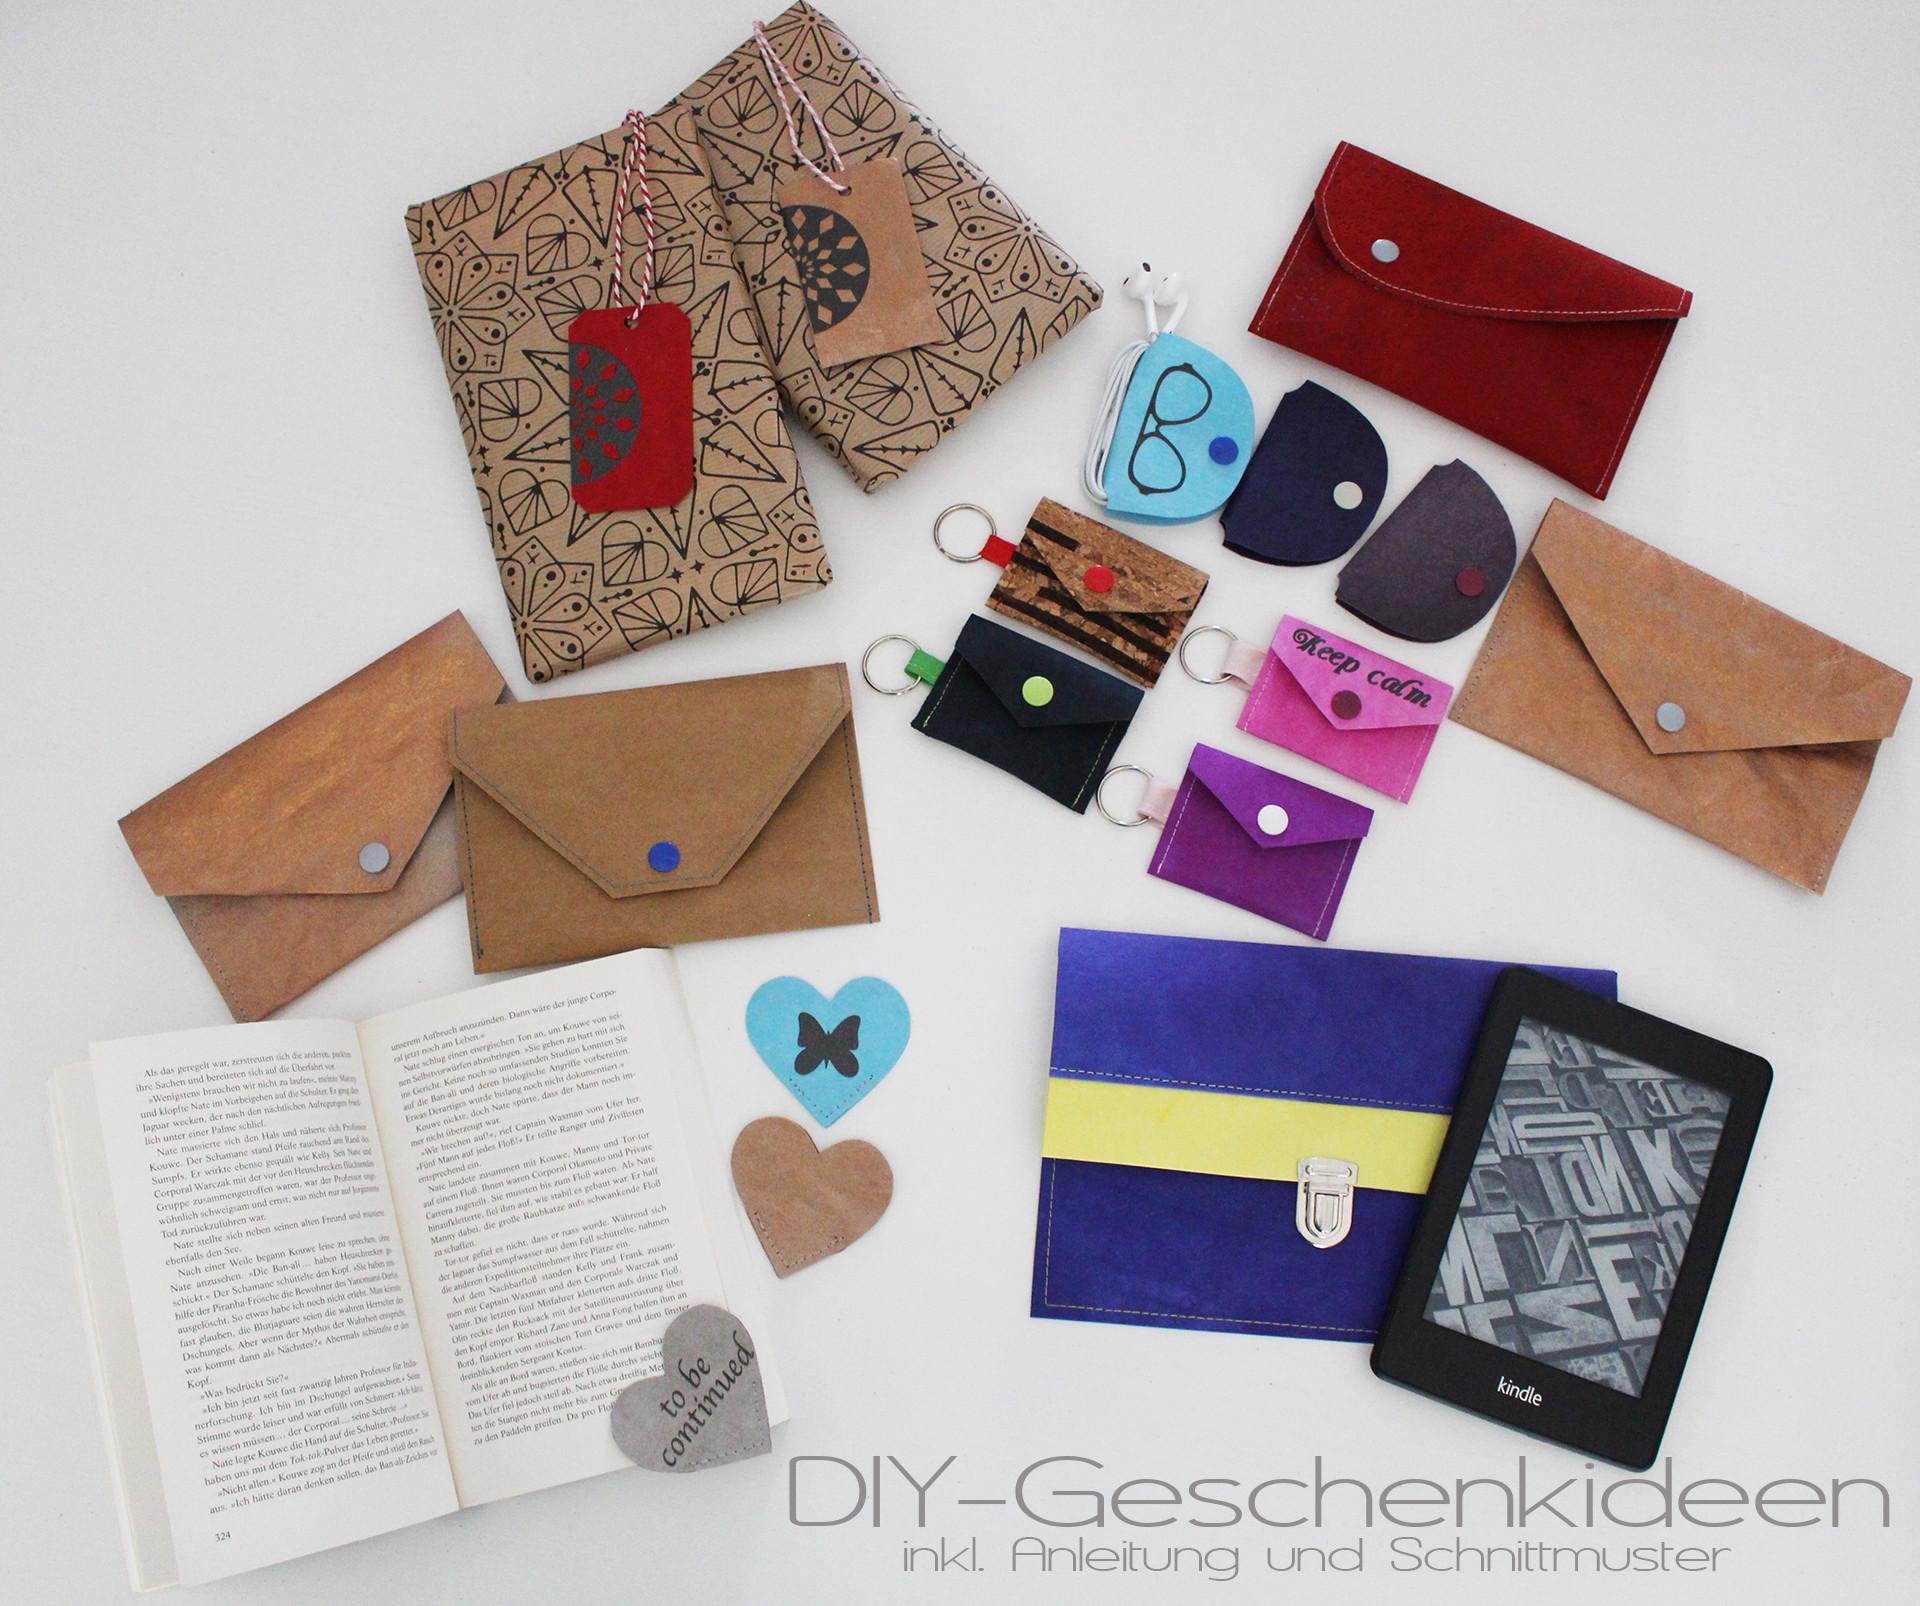 Schnelle Diy Geschenke  Schnelle DIY Geschenke aus SnapPap Colartex und Korkstoff